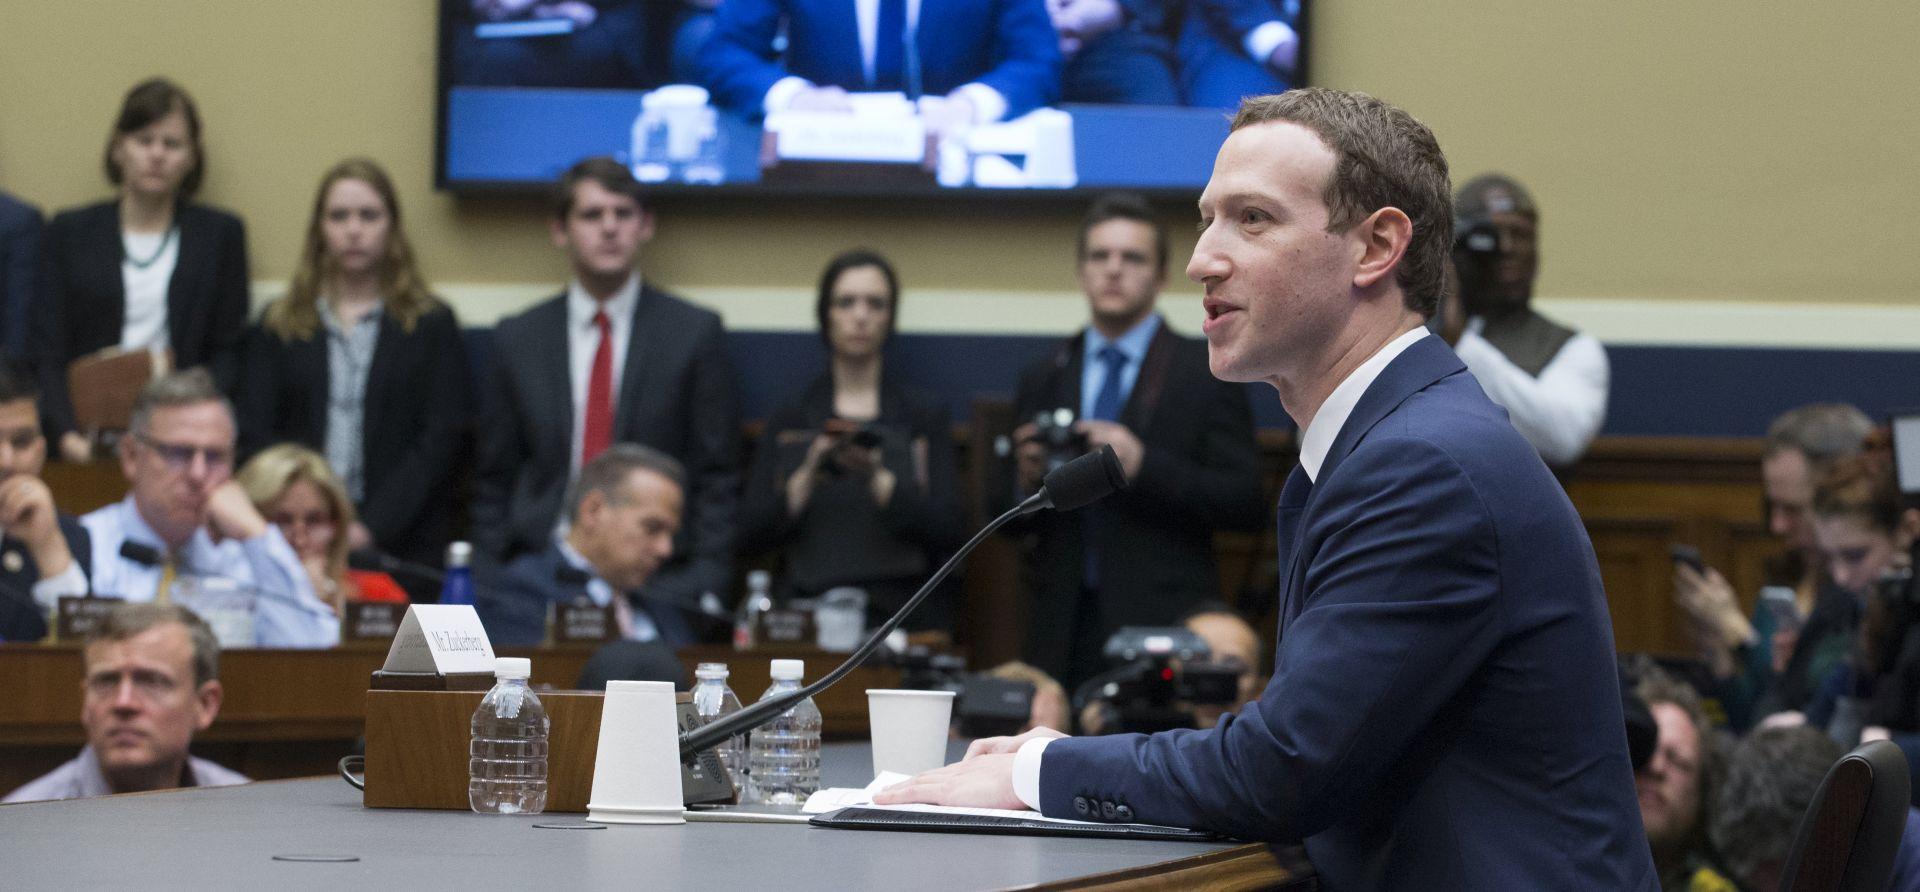 Nedavni sigurnosni propust na Facebooku pogodio 5 milijuna Europljana